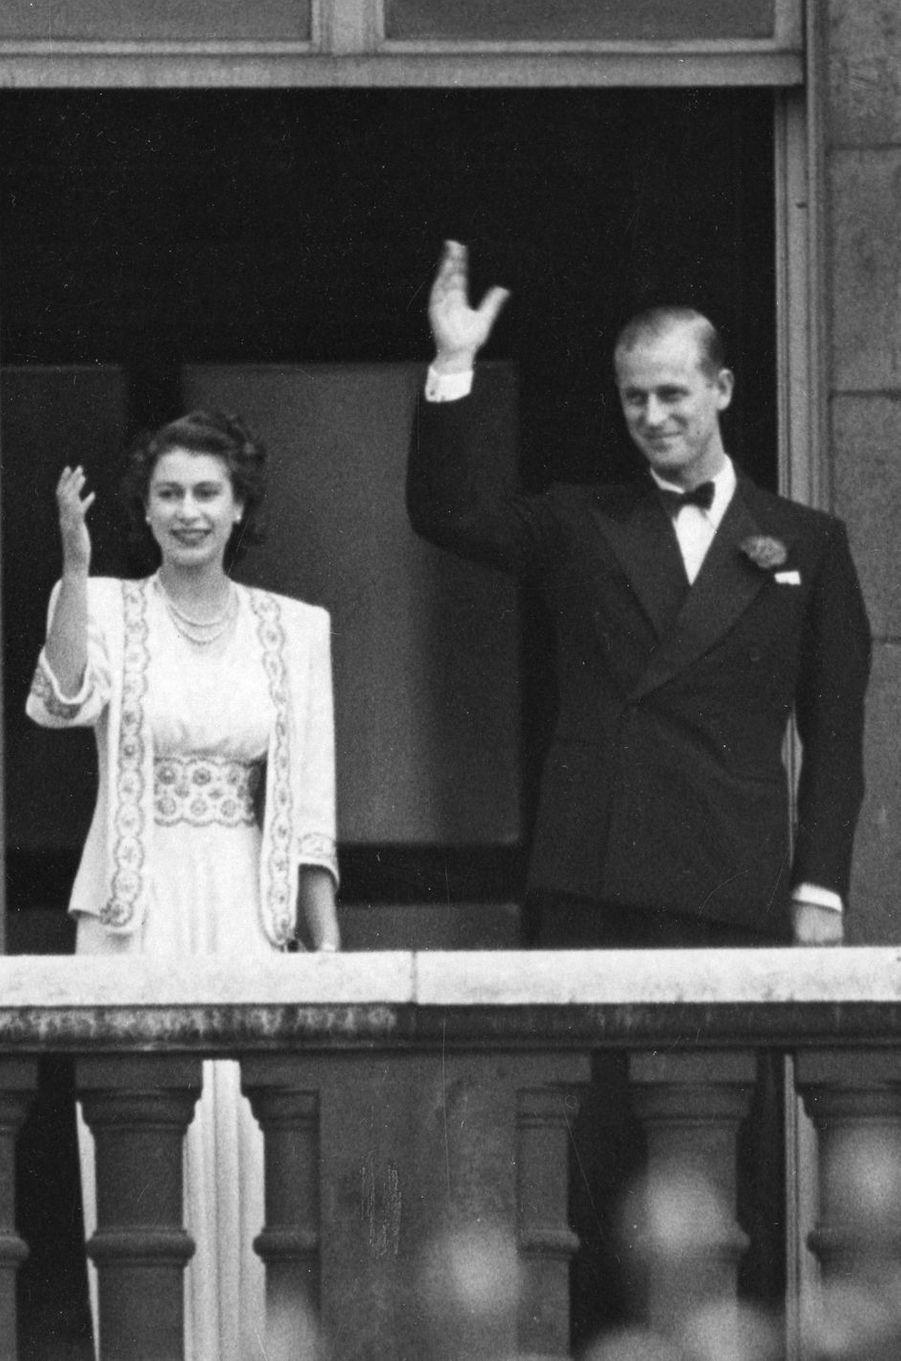 La princesse Elizabeth et le prince Philip fiancés au balcon de Buckingham Palace en juillet 1947